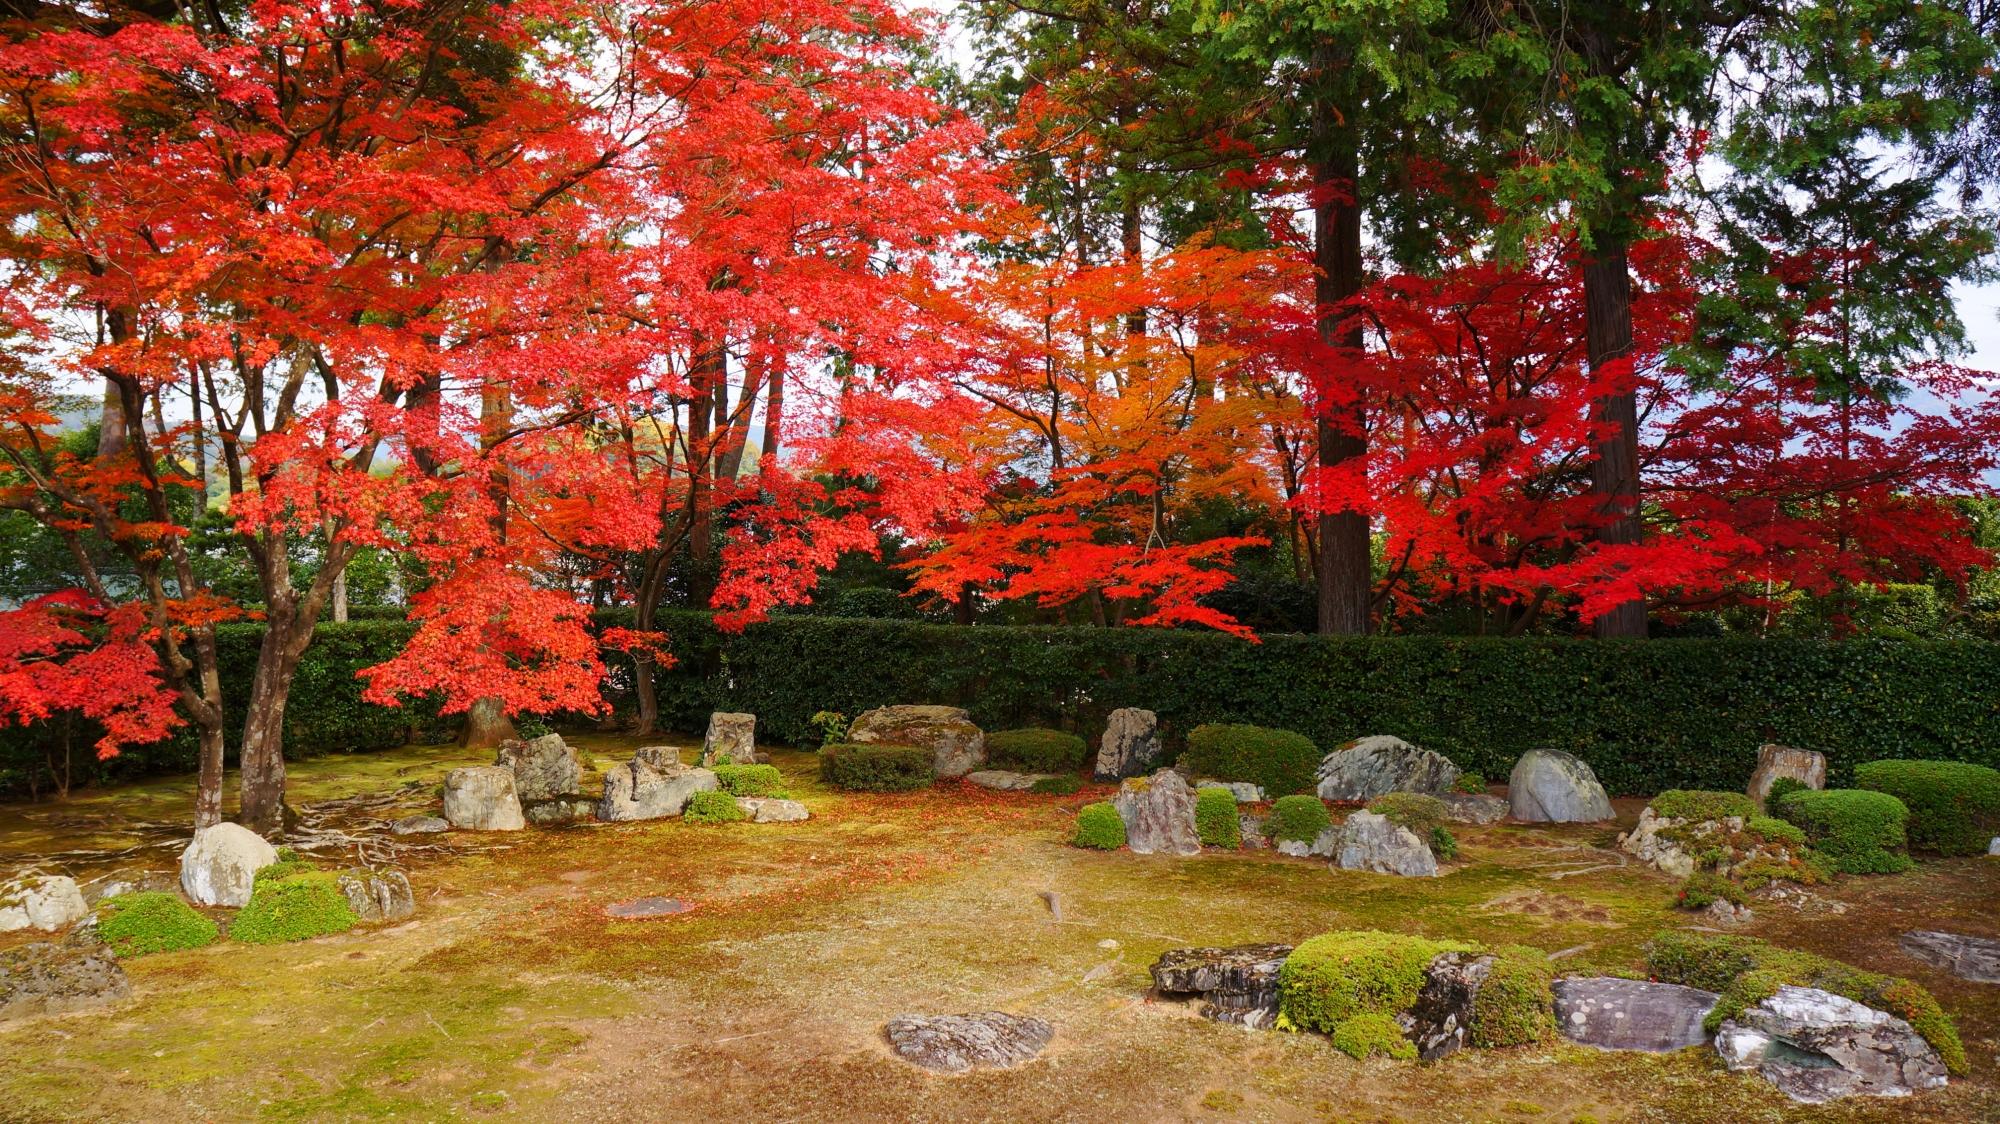 円通寺の鮮烈な赤さの紅葉と岩や刈り込み